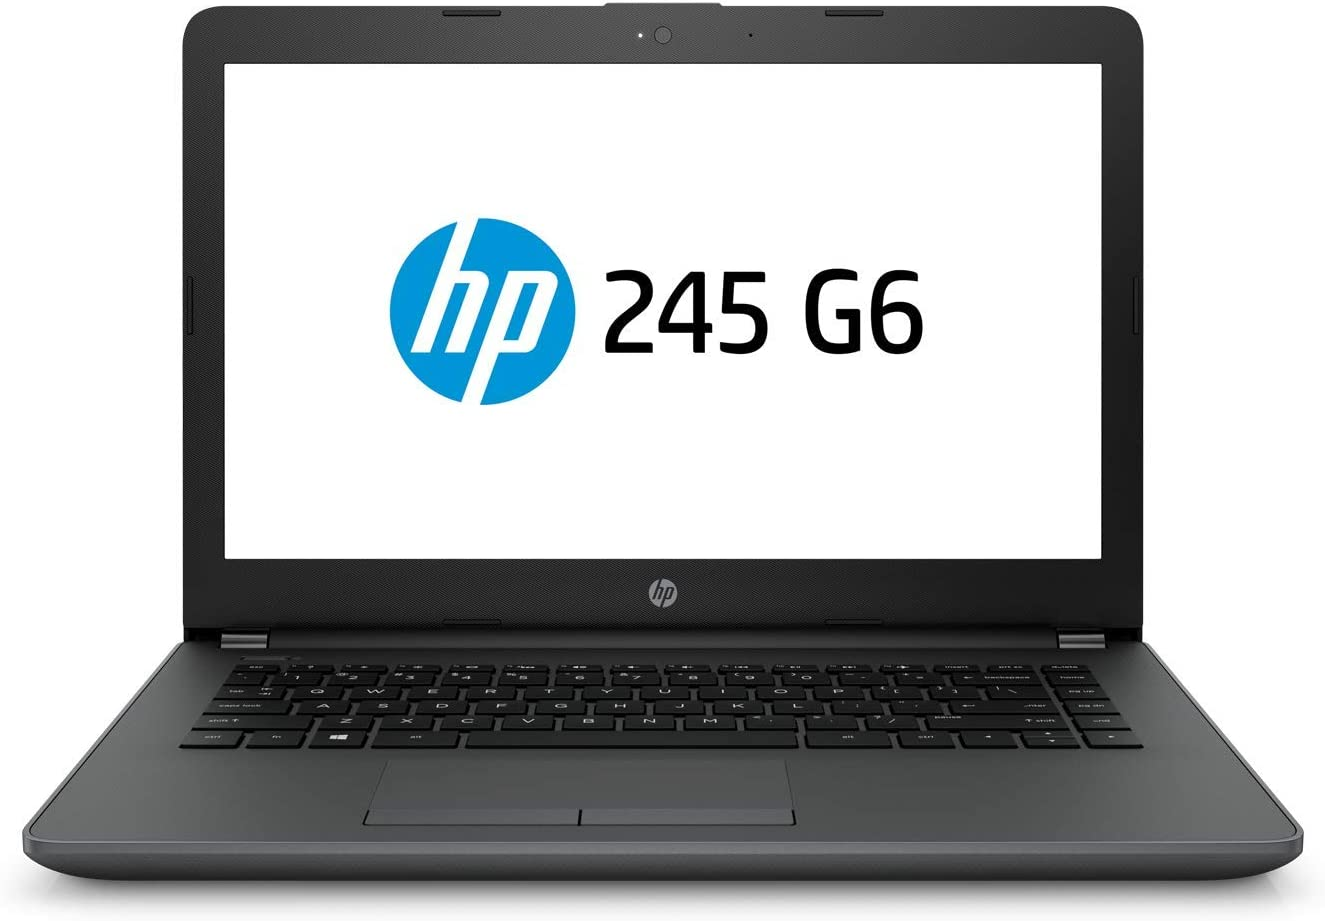 HP Laptop Under 2000